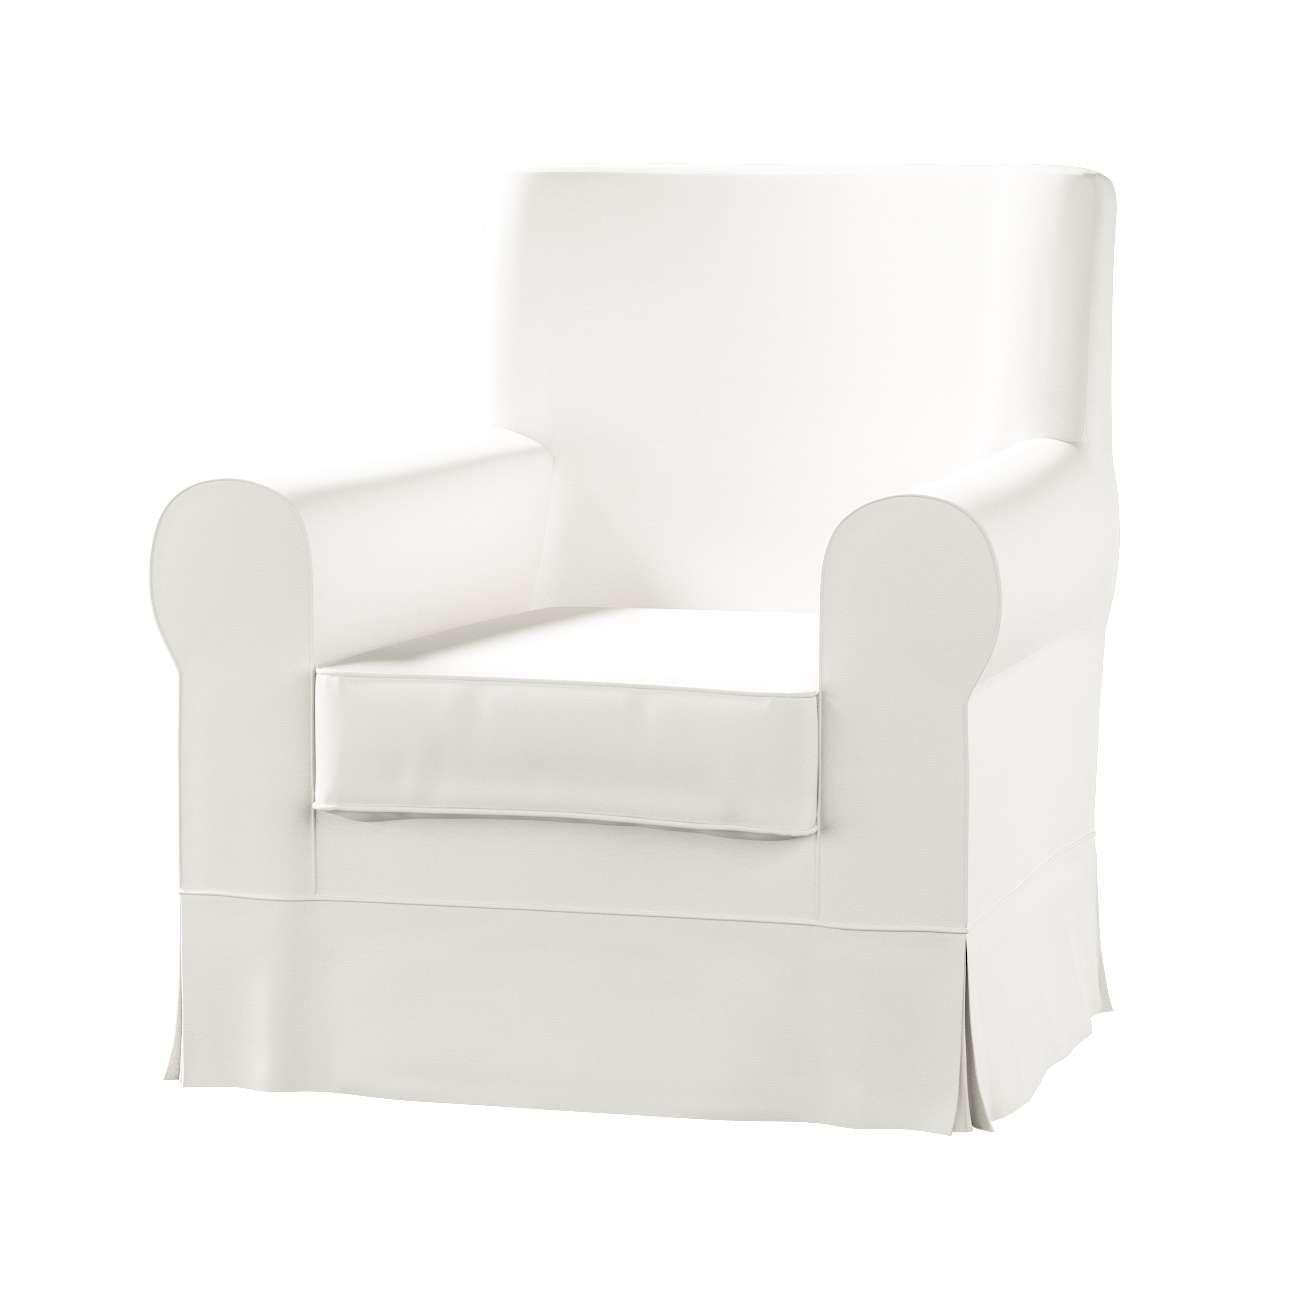 Pokrowiec na fotel Ektorp Jennylund Fotel Ektorp Jennylund w kolekcji Cotton Panama, tkanina: 702-34